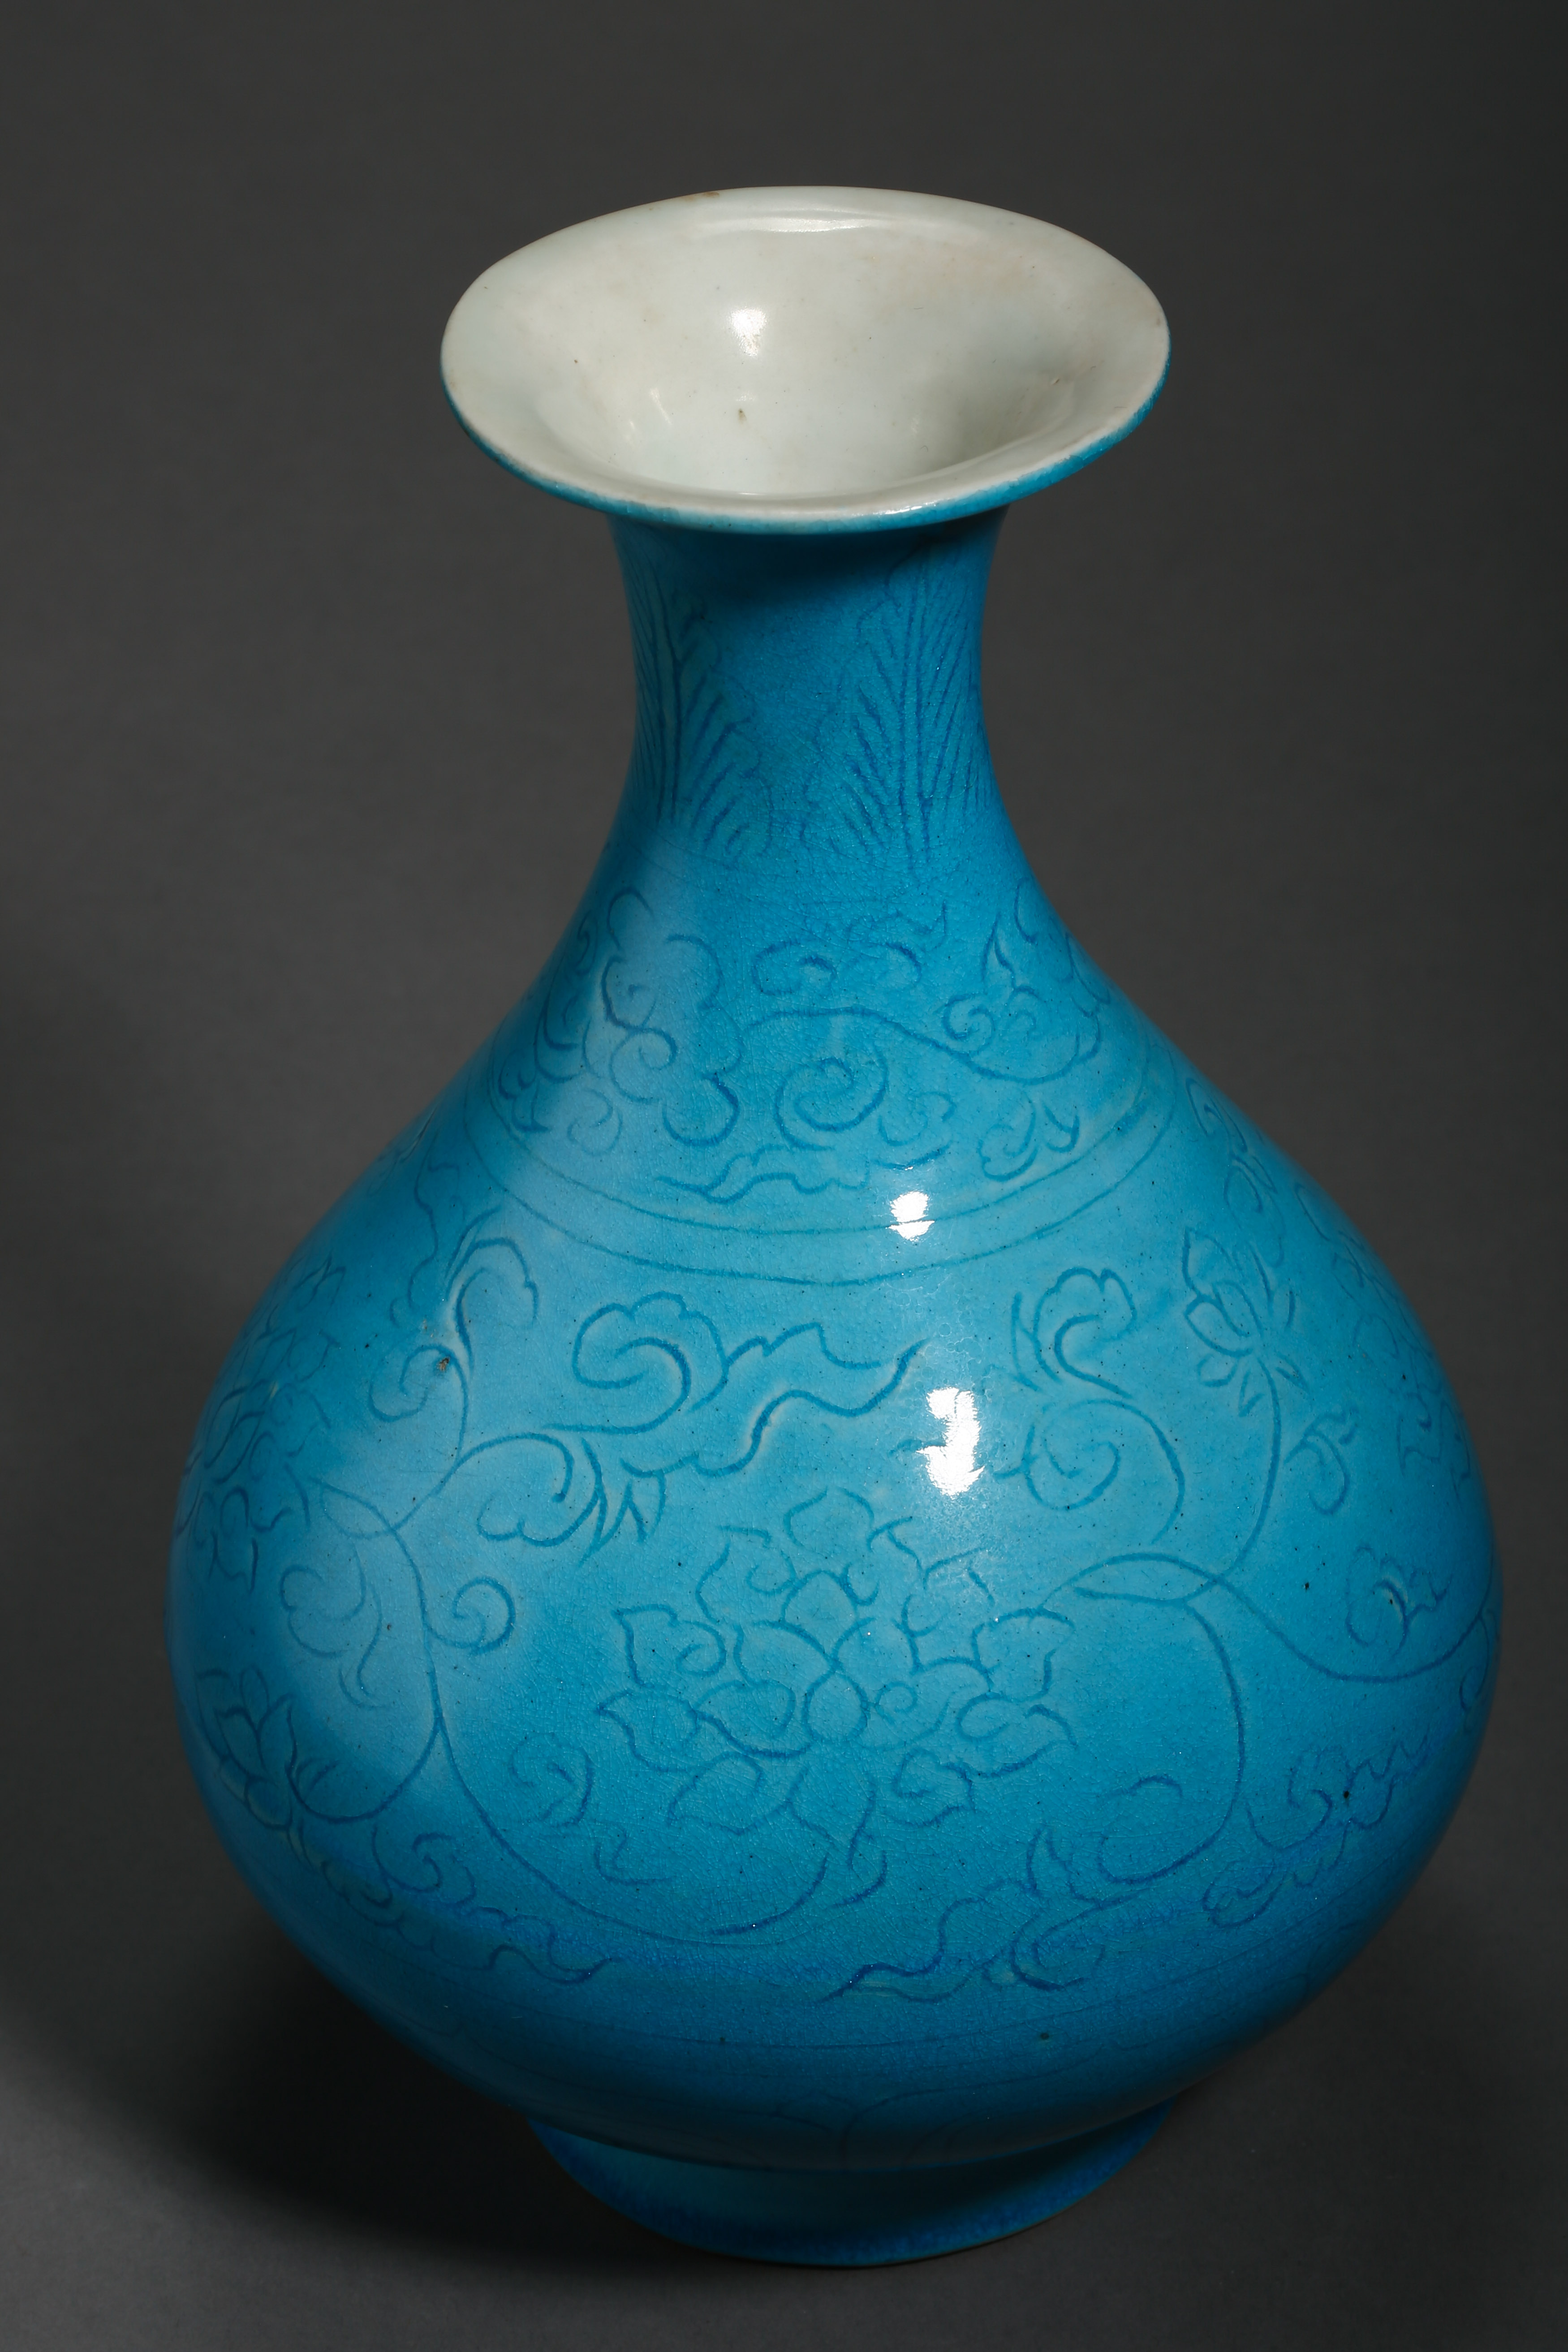 BLUE GLAZED POT, QING DYNASTY, CHINA - Image 4 of 8